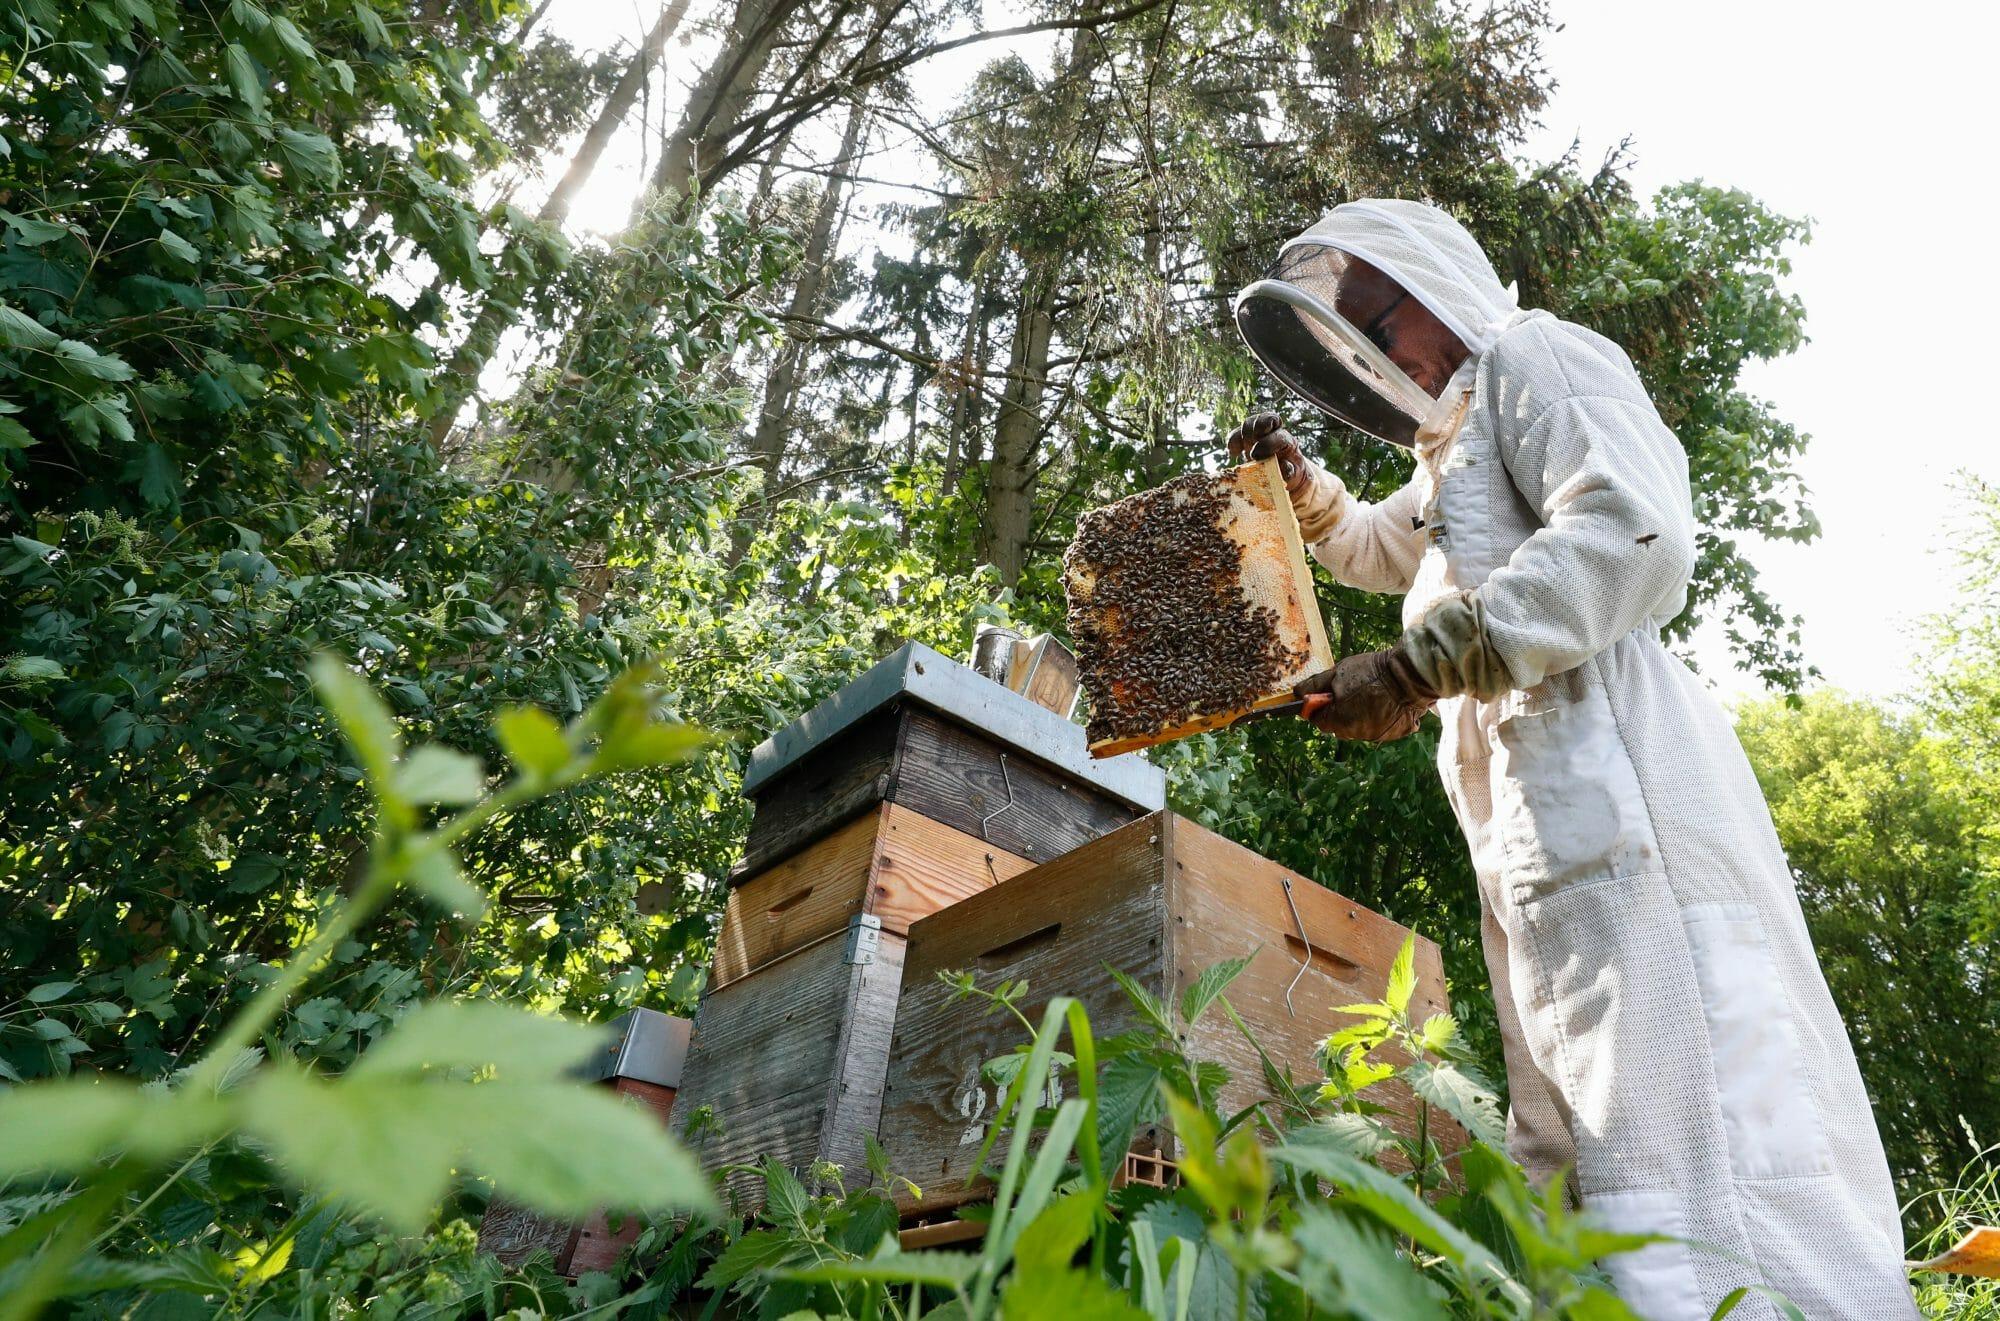 Apiculteur Beetasty travaillant dans ses ruches